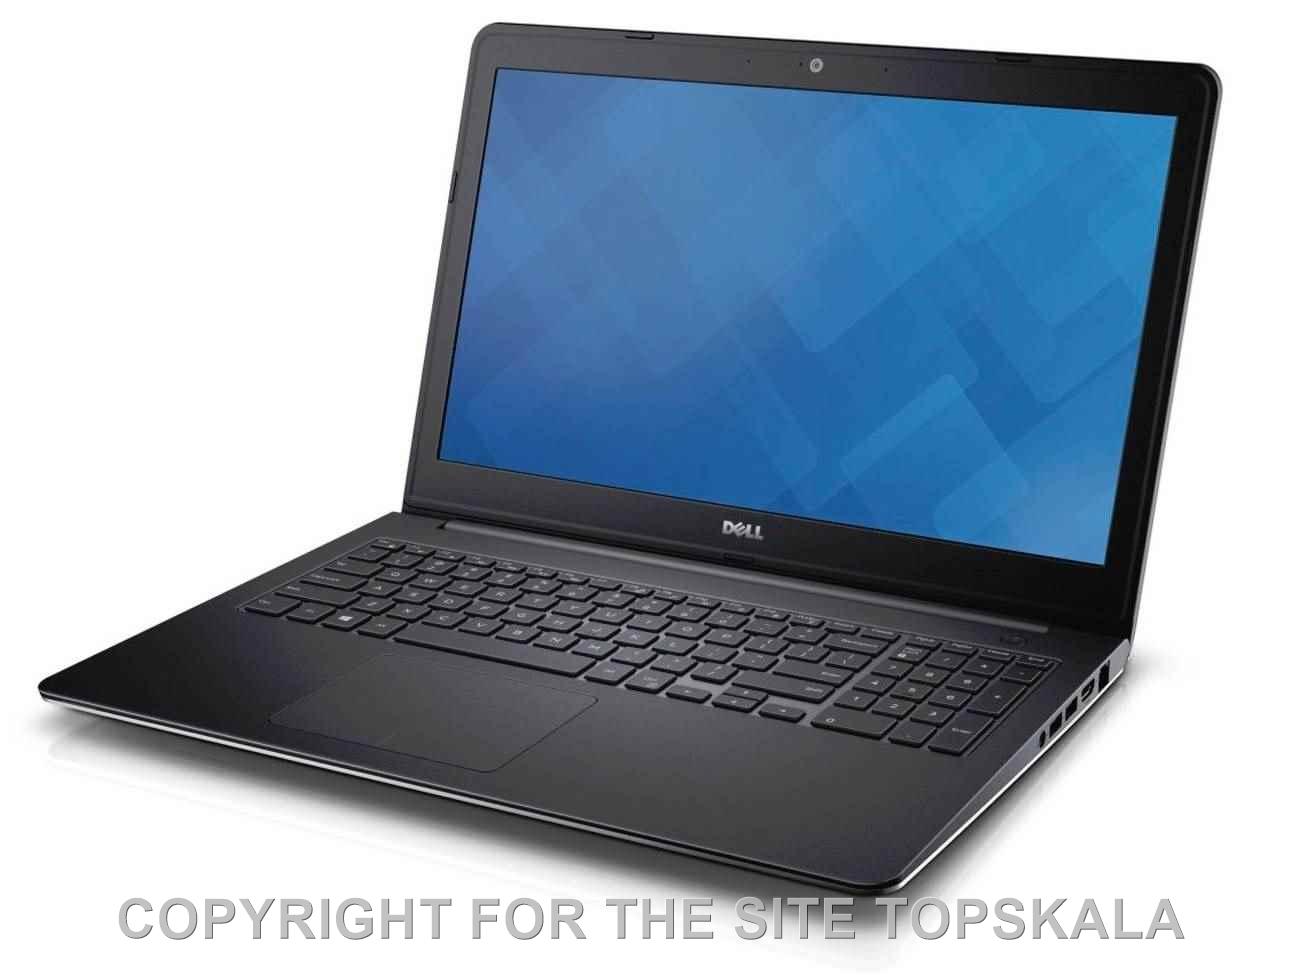 لپ تاپ استوک دل مدل Inspiron 5548 با مشخصات i5-8GB-500GB HDD-2GB intel HD 5500